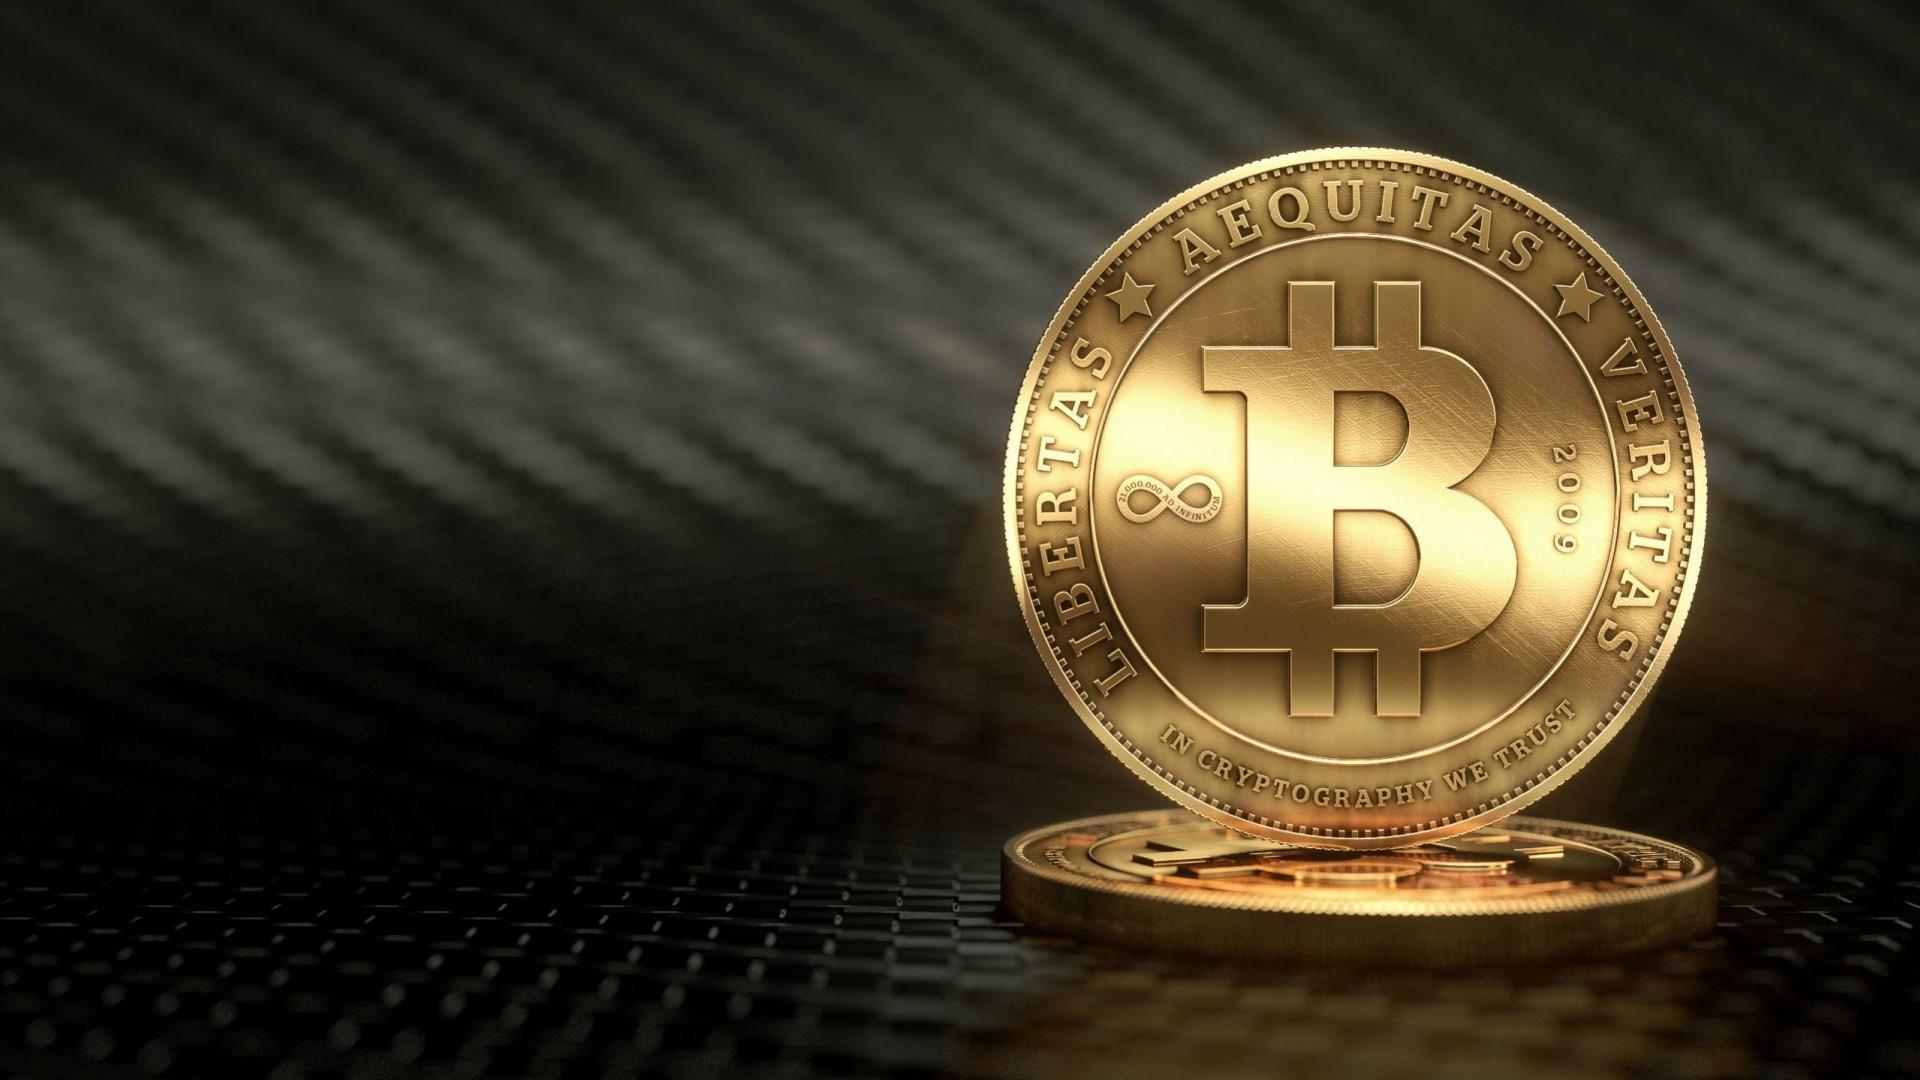 Bitcoin Desktop Wallpaper 62340 1920x1080px 1920x1080